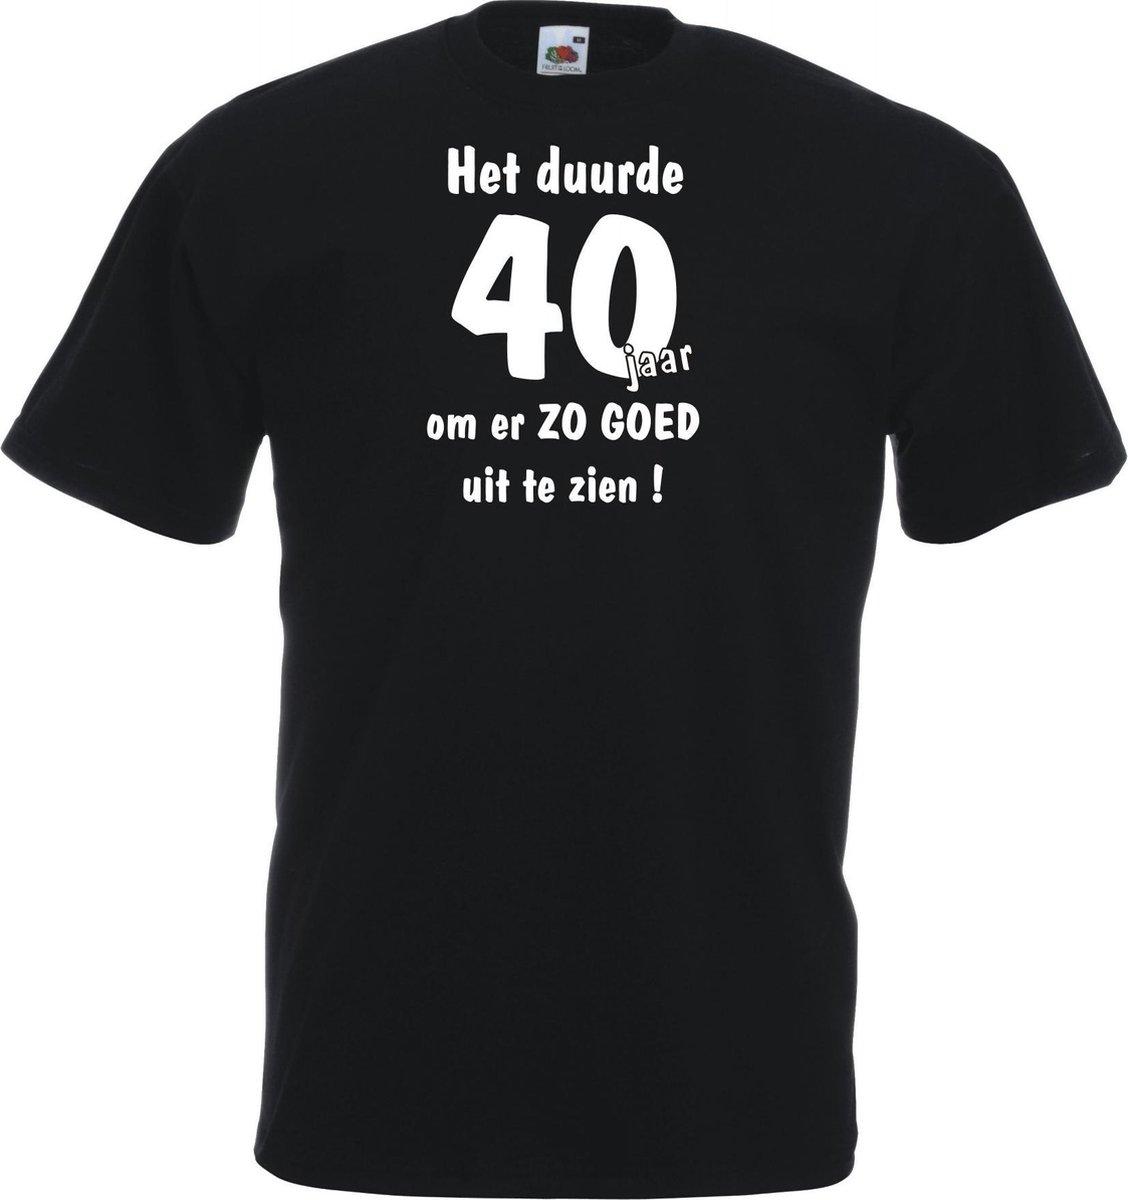 Unisex T-shirt - Het duurde 40 jaar - zwart - maat XXL